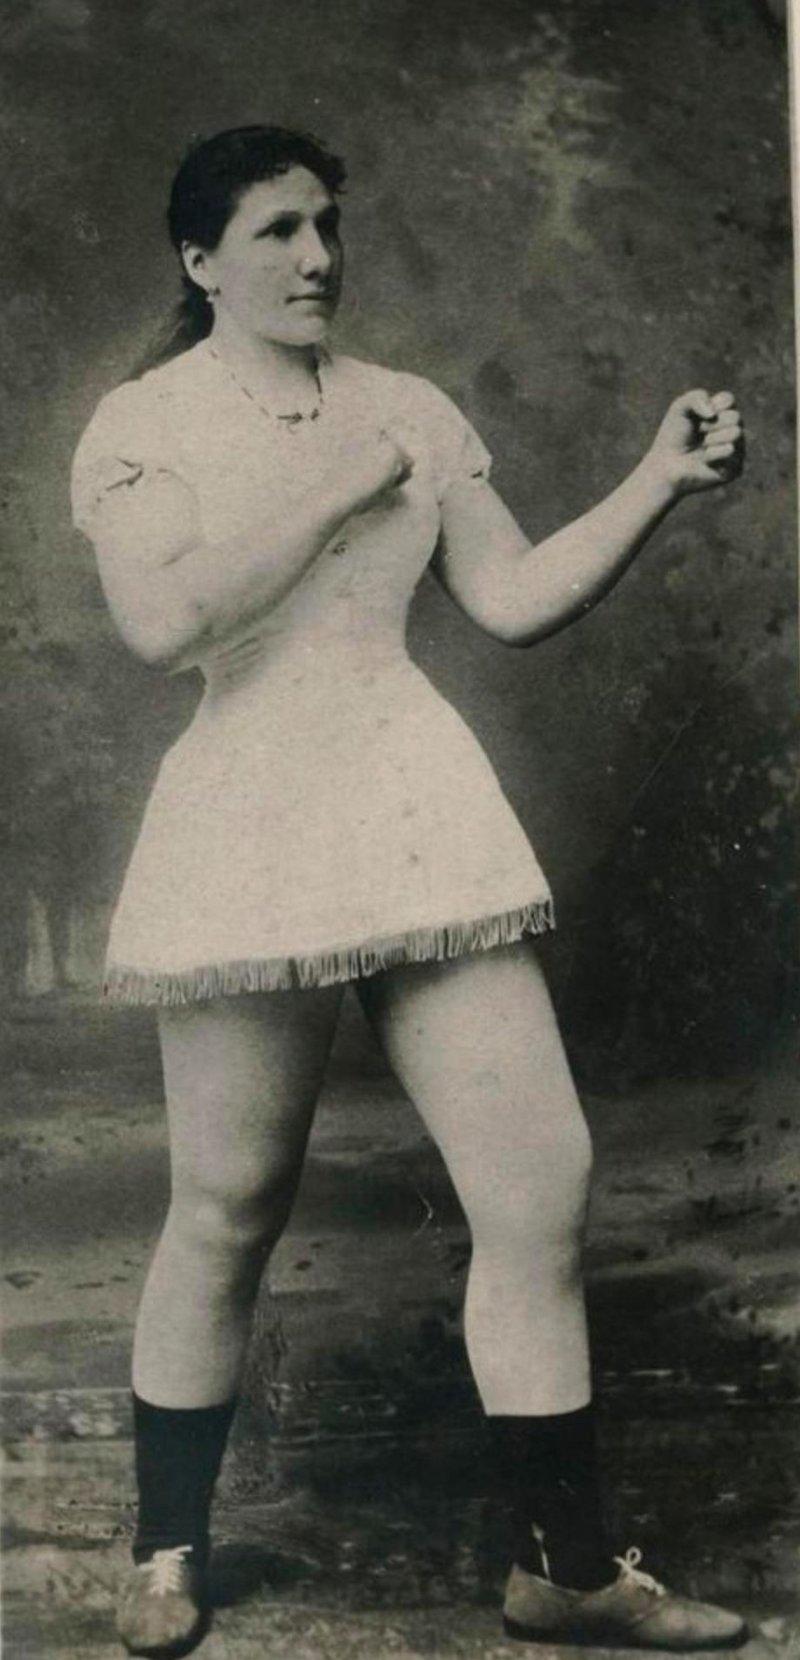 7. Hattie Stewart - чемпионка по боксу 1884 года бокс, женщины боксируют, женщины в спорте, интересно, история, спортсменки, фото